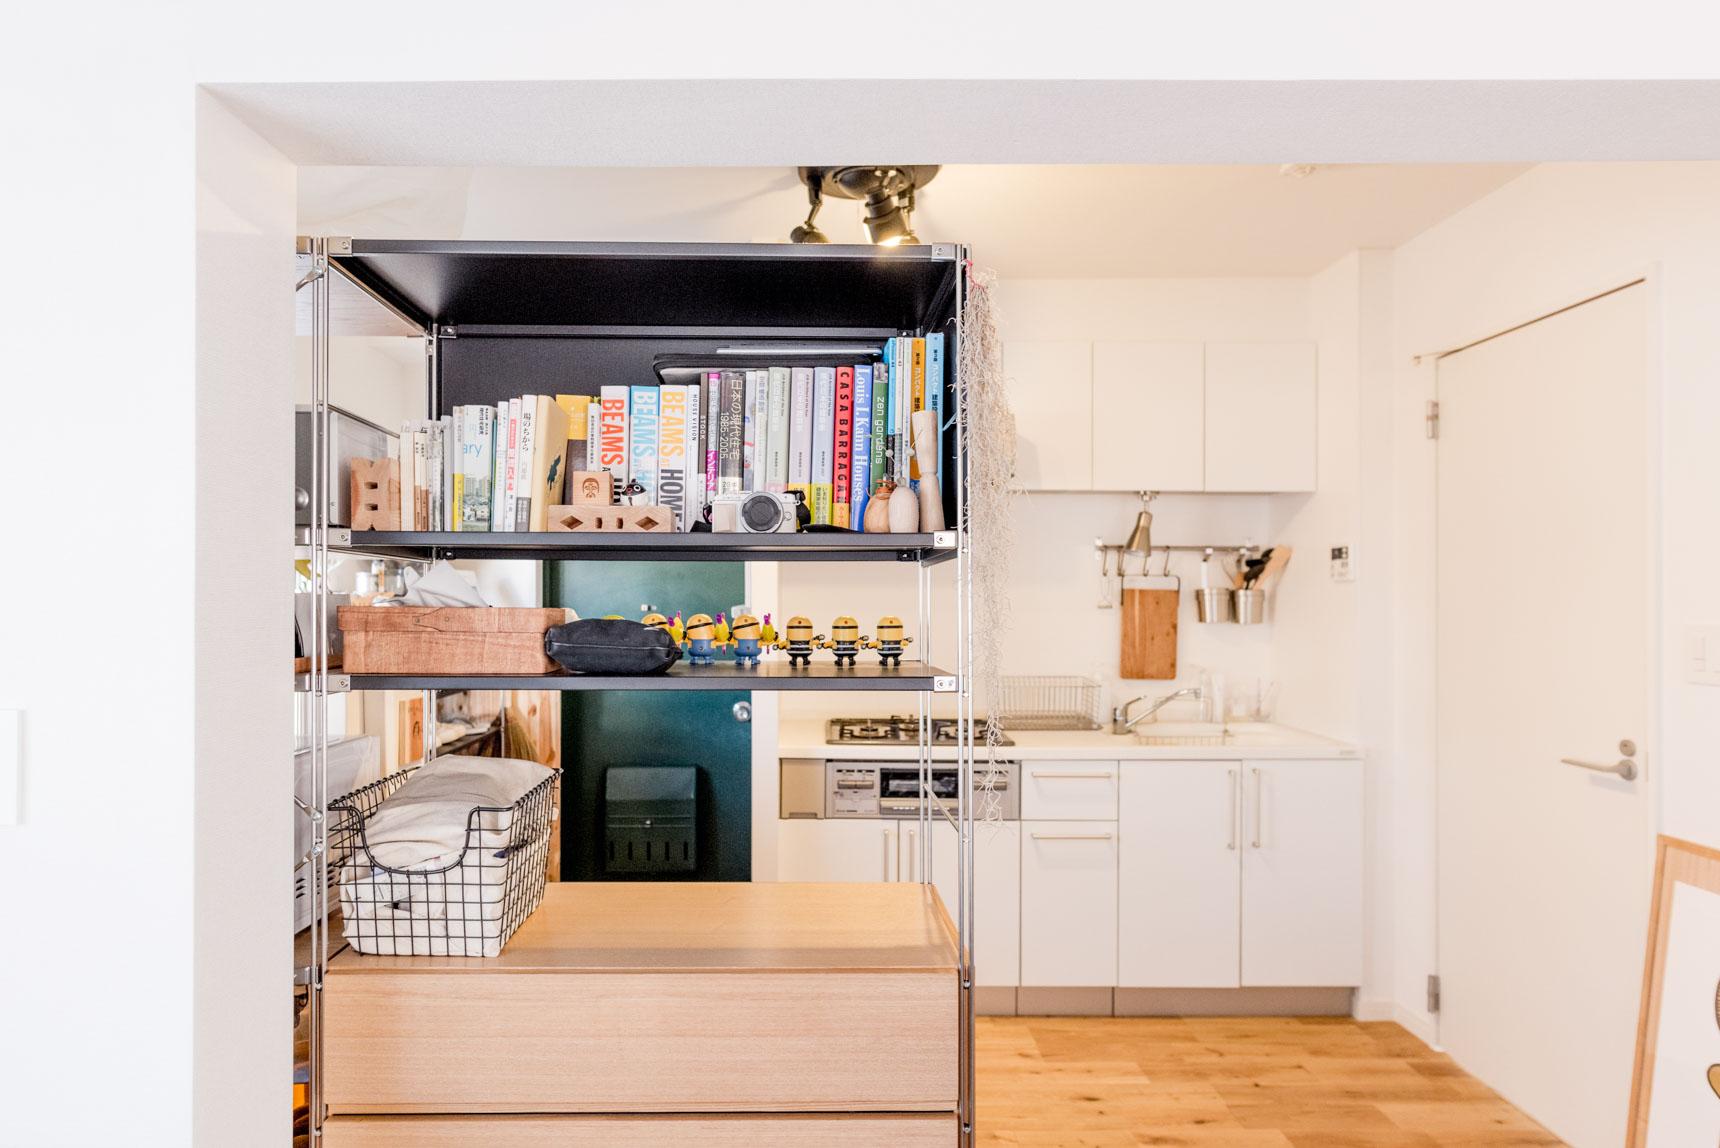 無印良品の「スチールユニットシェルフ」、これもいろんな組み合わせで自分オリジナルの棚が作れる商品です。こちらのお部屋ではキッチンとベッドルームの間仕切りとして活用。